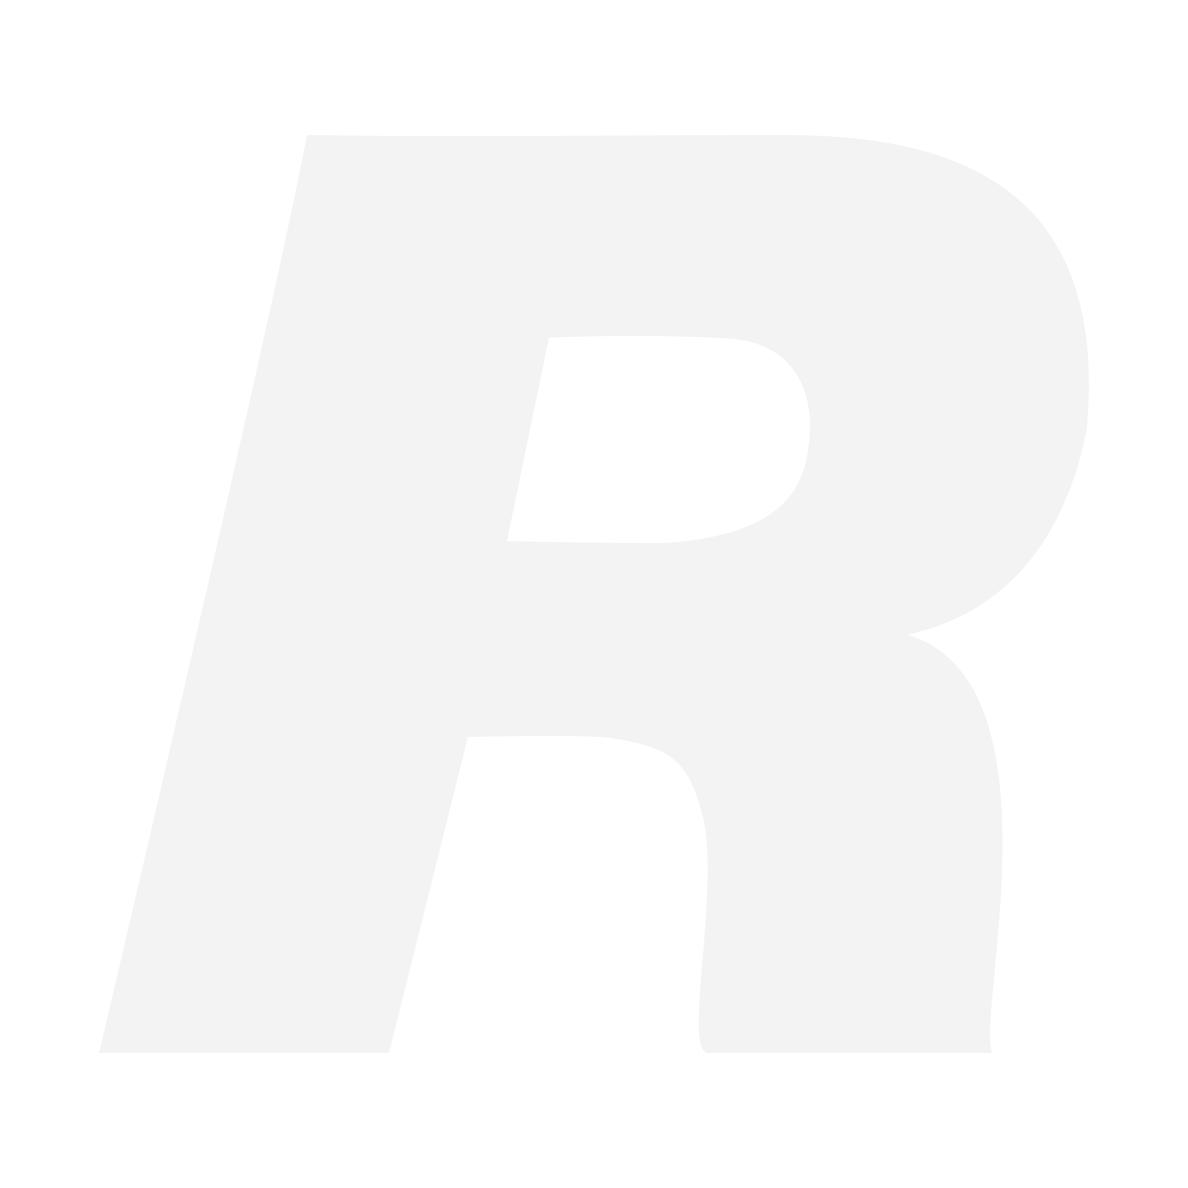 SONY RML-VR2 LIVE WIEV REMOTE